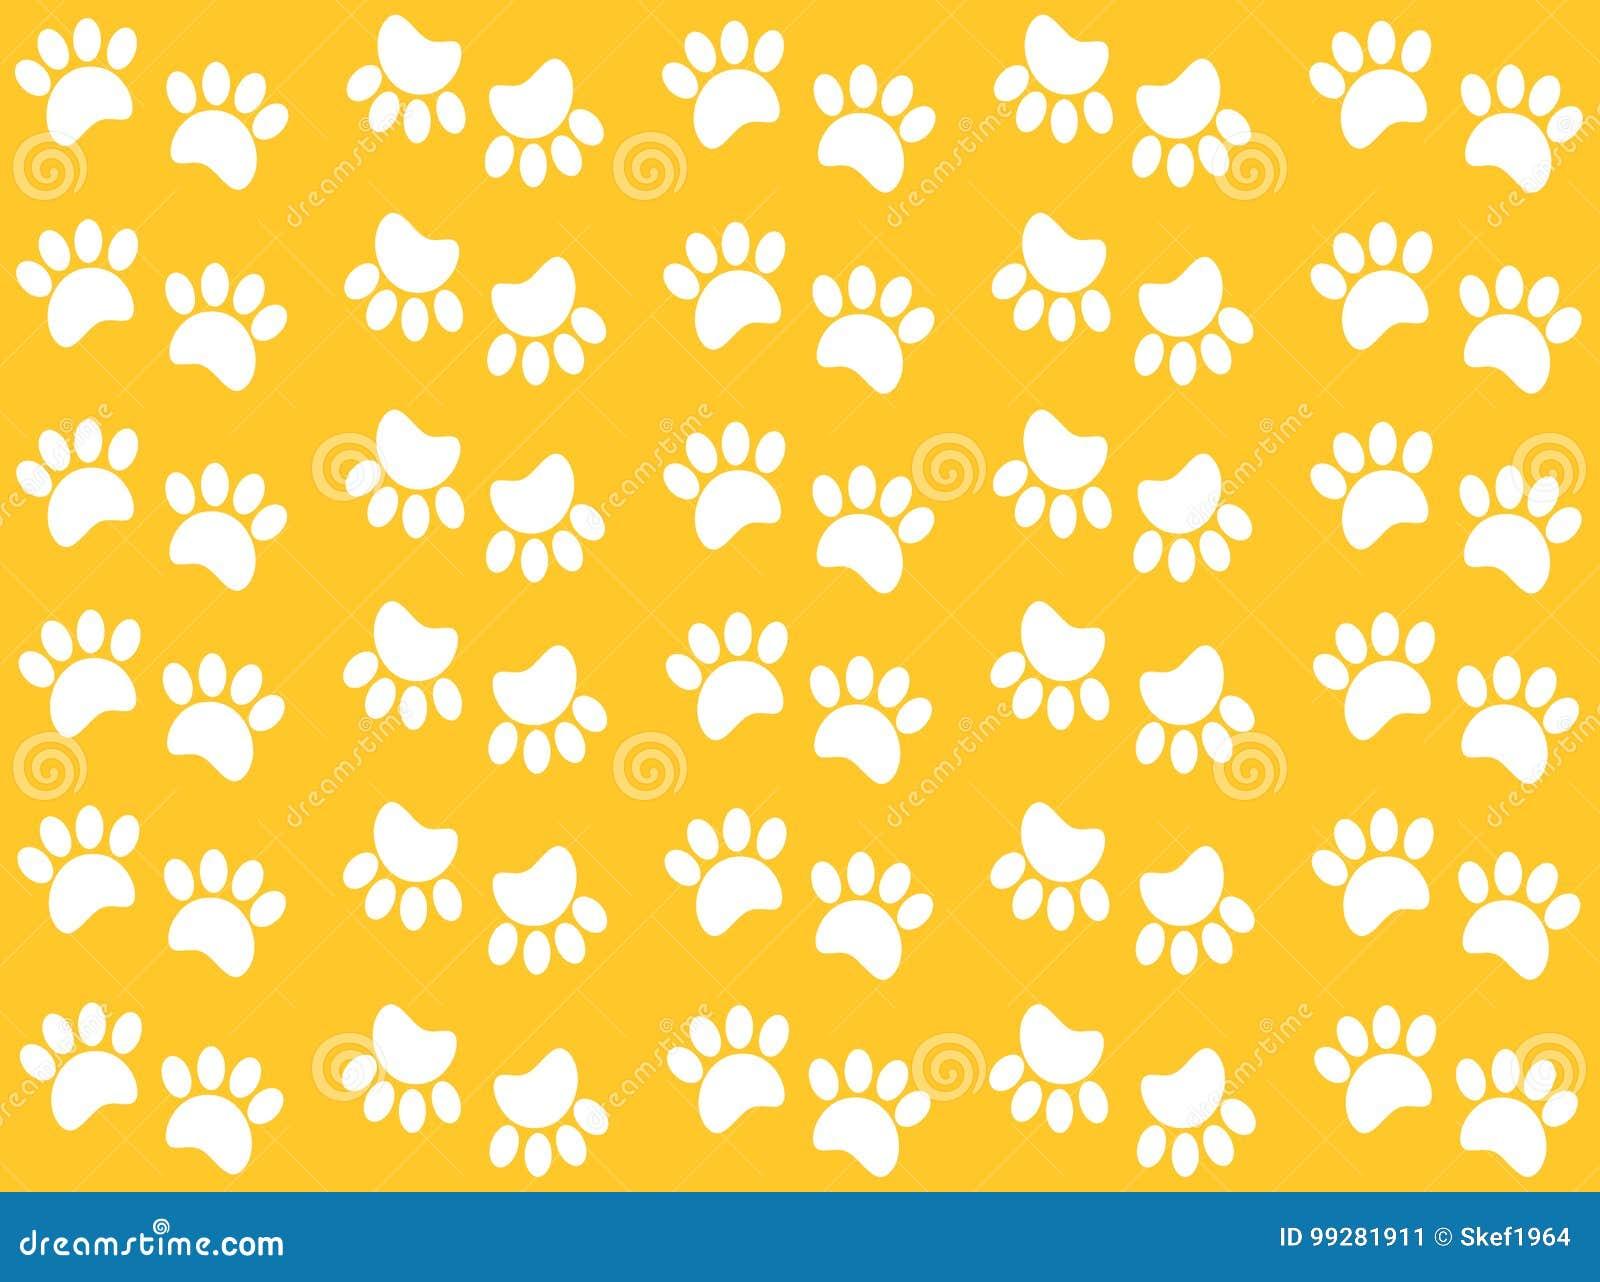 Fondo Perro Huellas: Huellas Animales En Un Fondo Amarillo Stock De